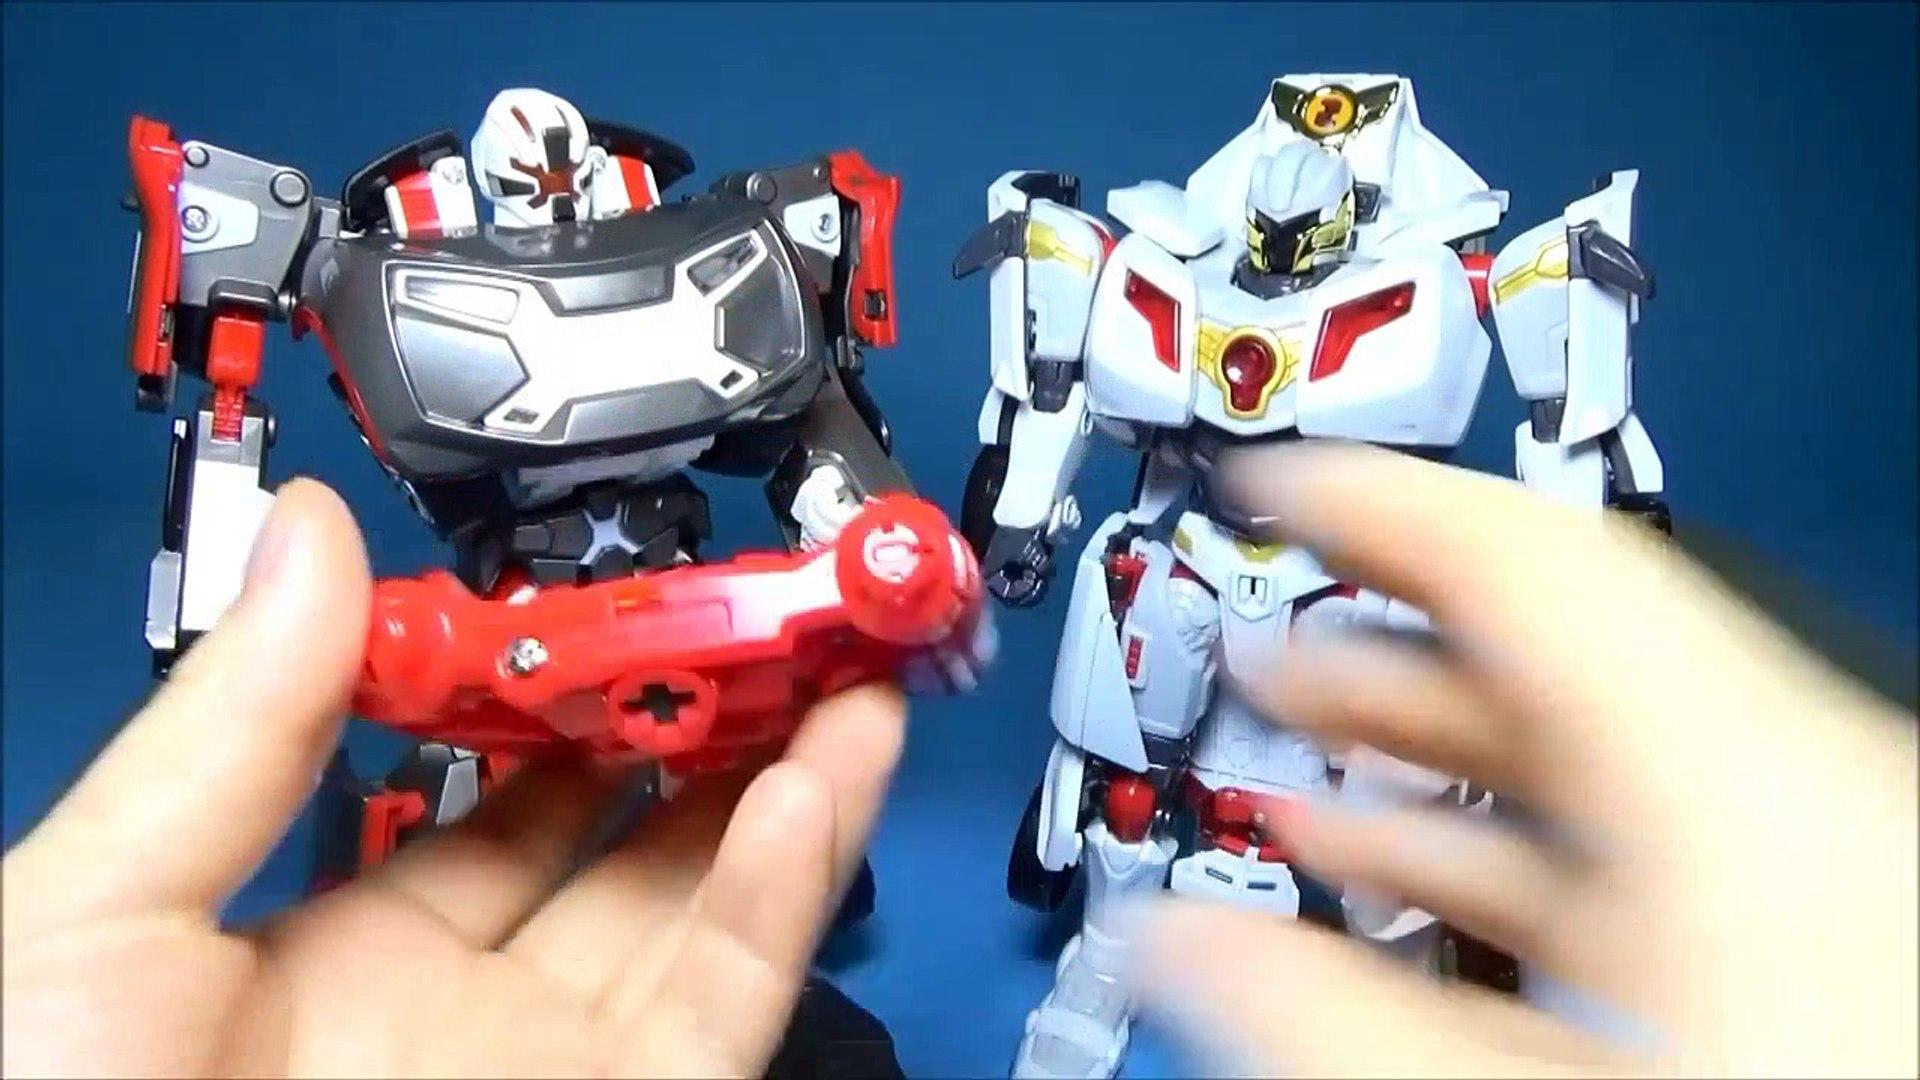 Ou X Robot De Température Tobot Transformation Voiture Jouet Jouets Evolution La Bouclier Y Yyf6bg7